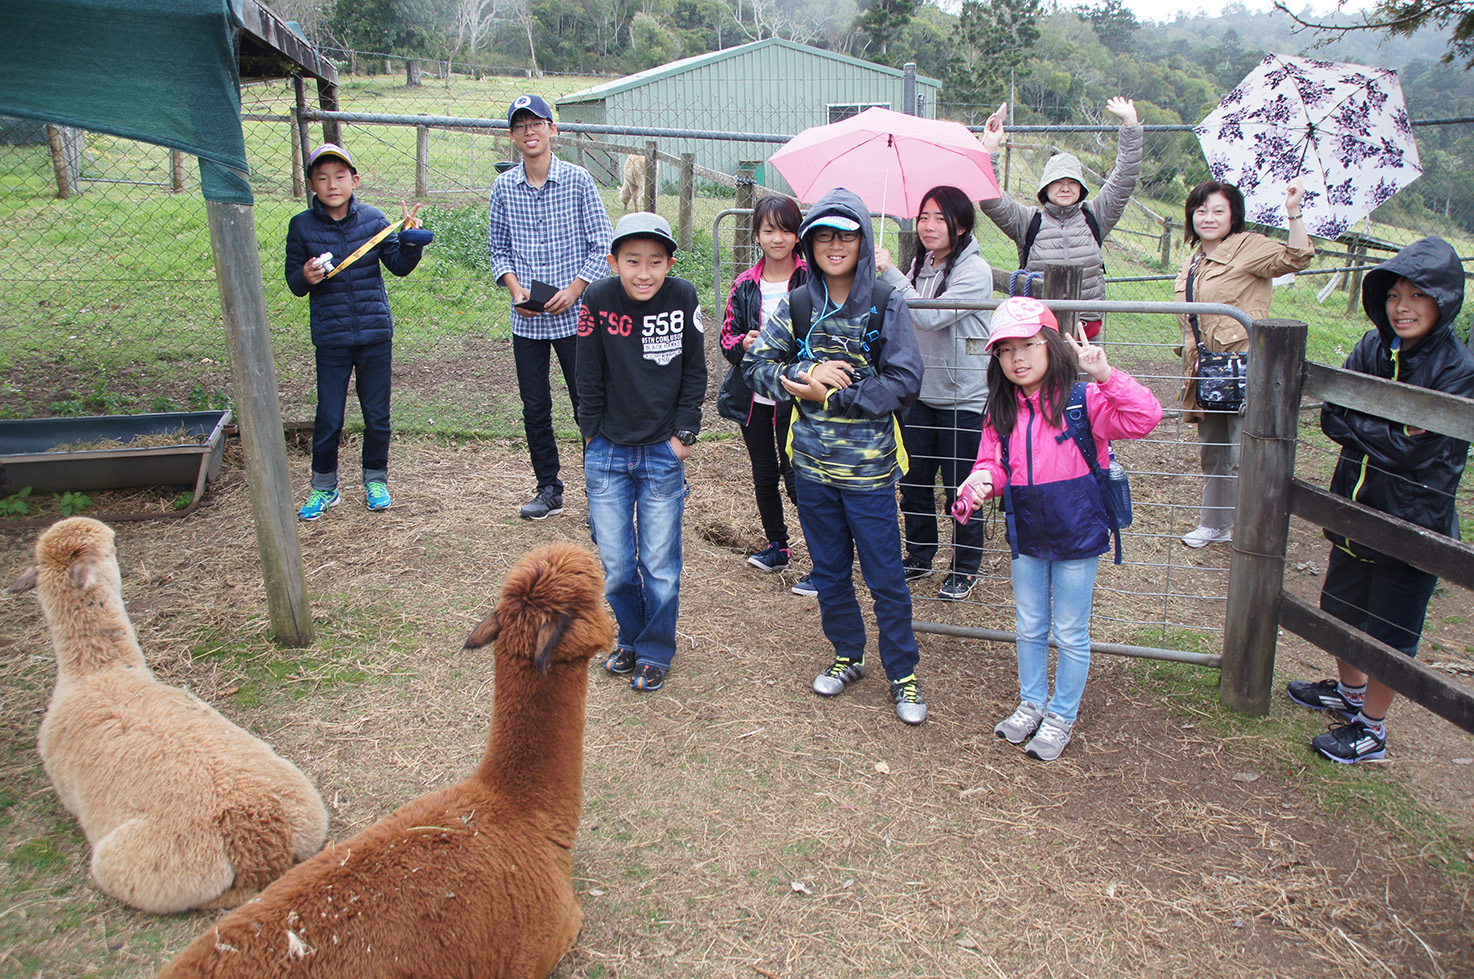 オーストラリア現地州立校&ホームステイ体験留学ツアー 2016年8月15日